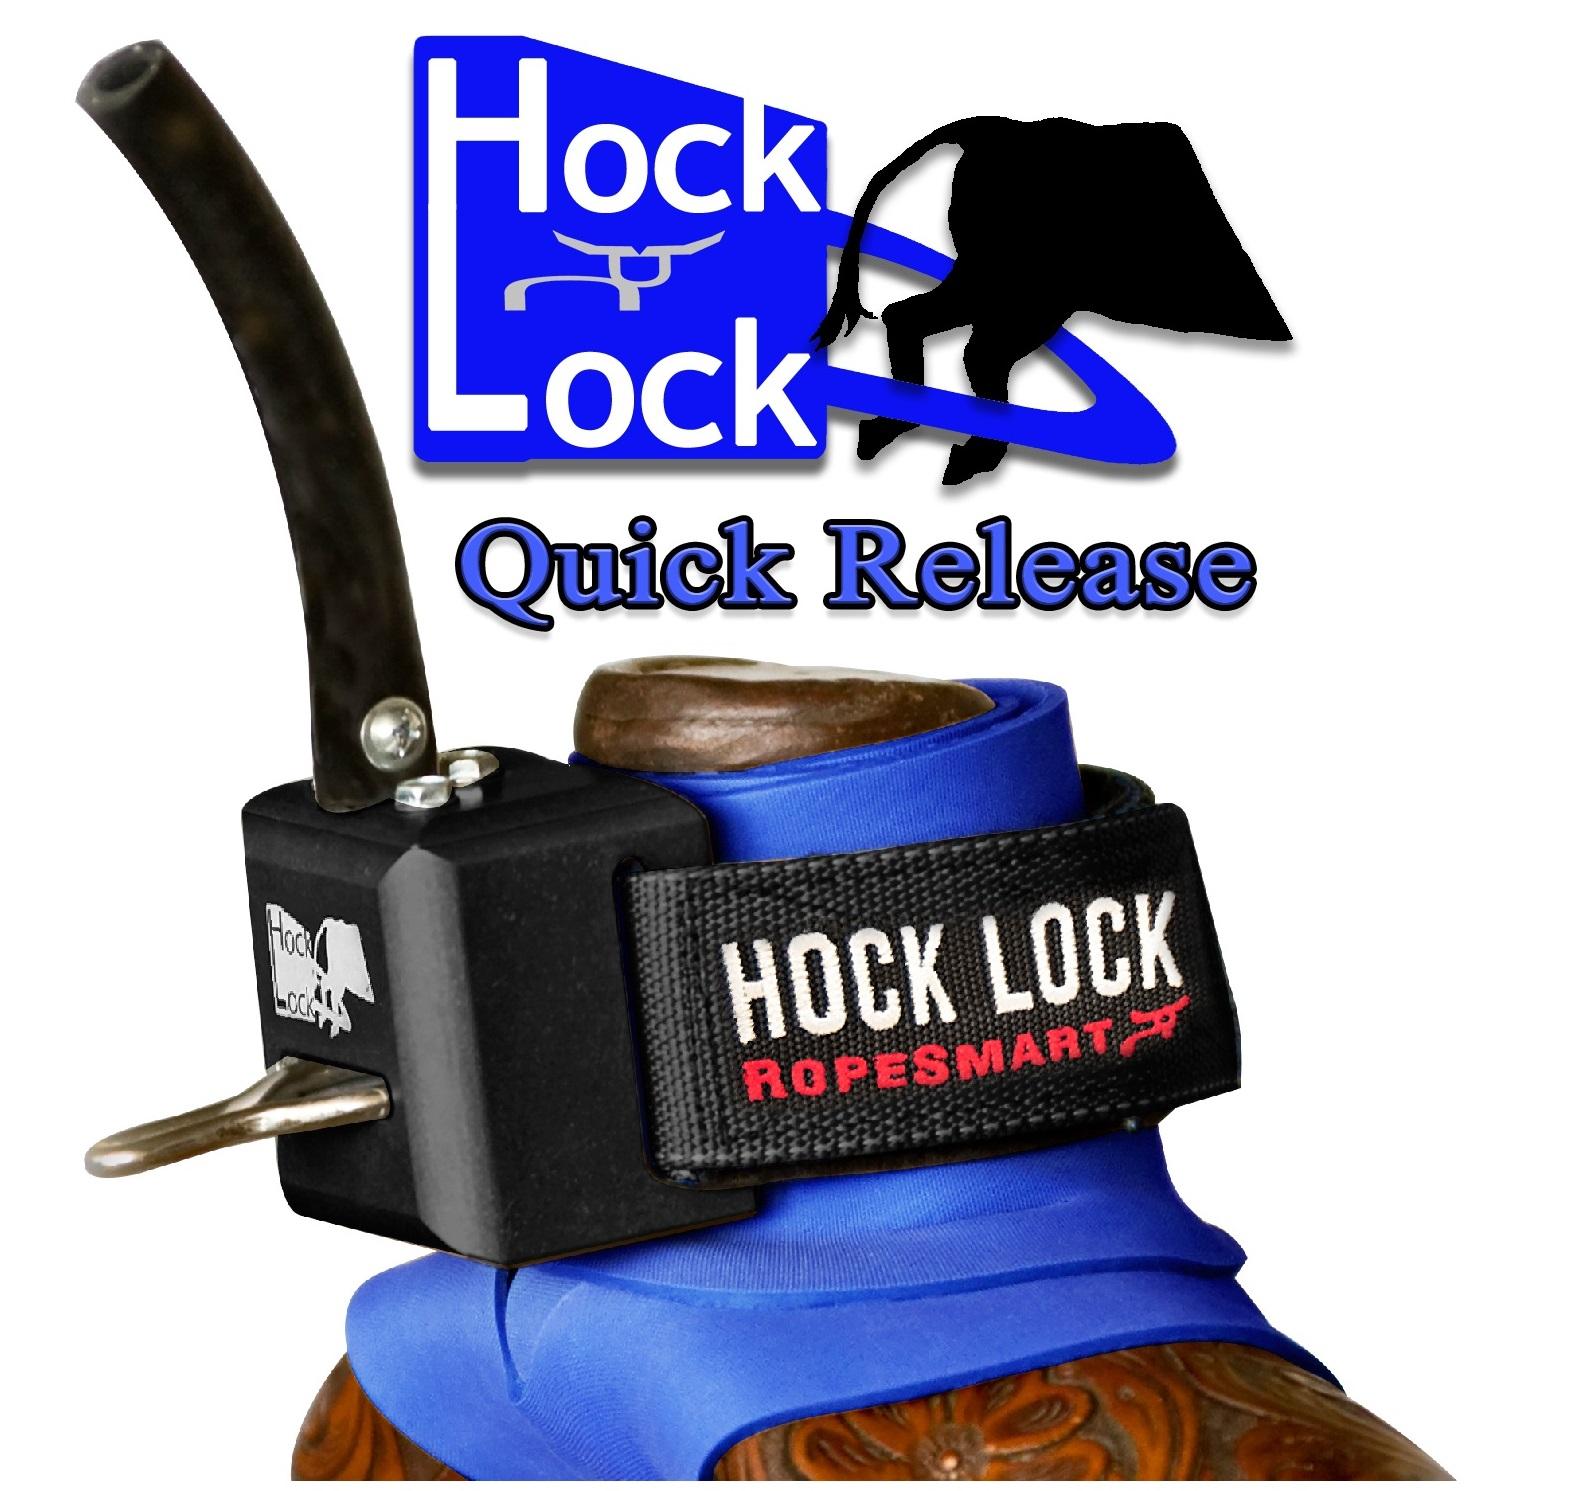 Hock Lock Quick Release – RopeSmart